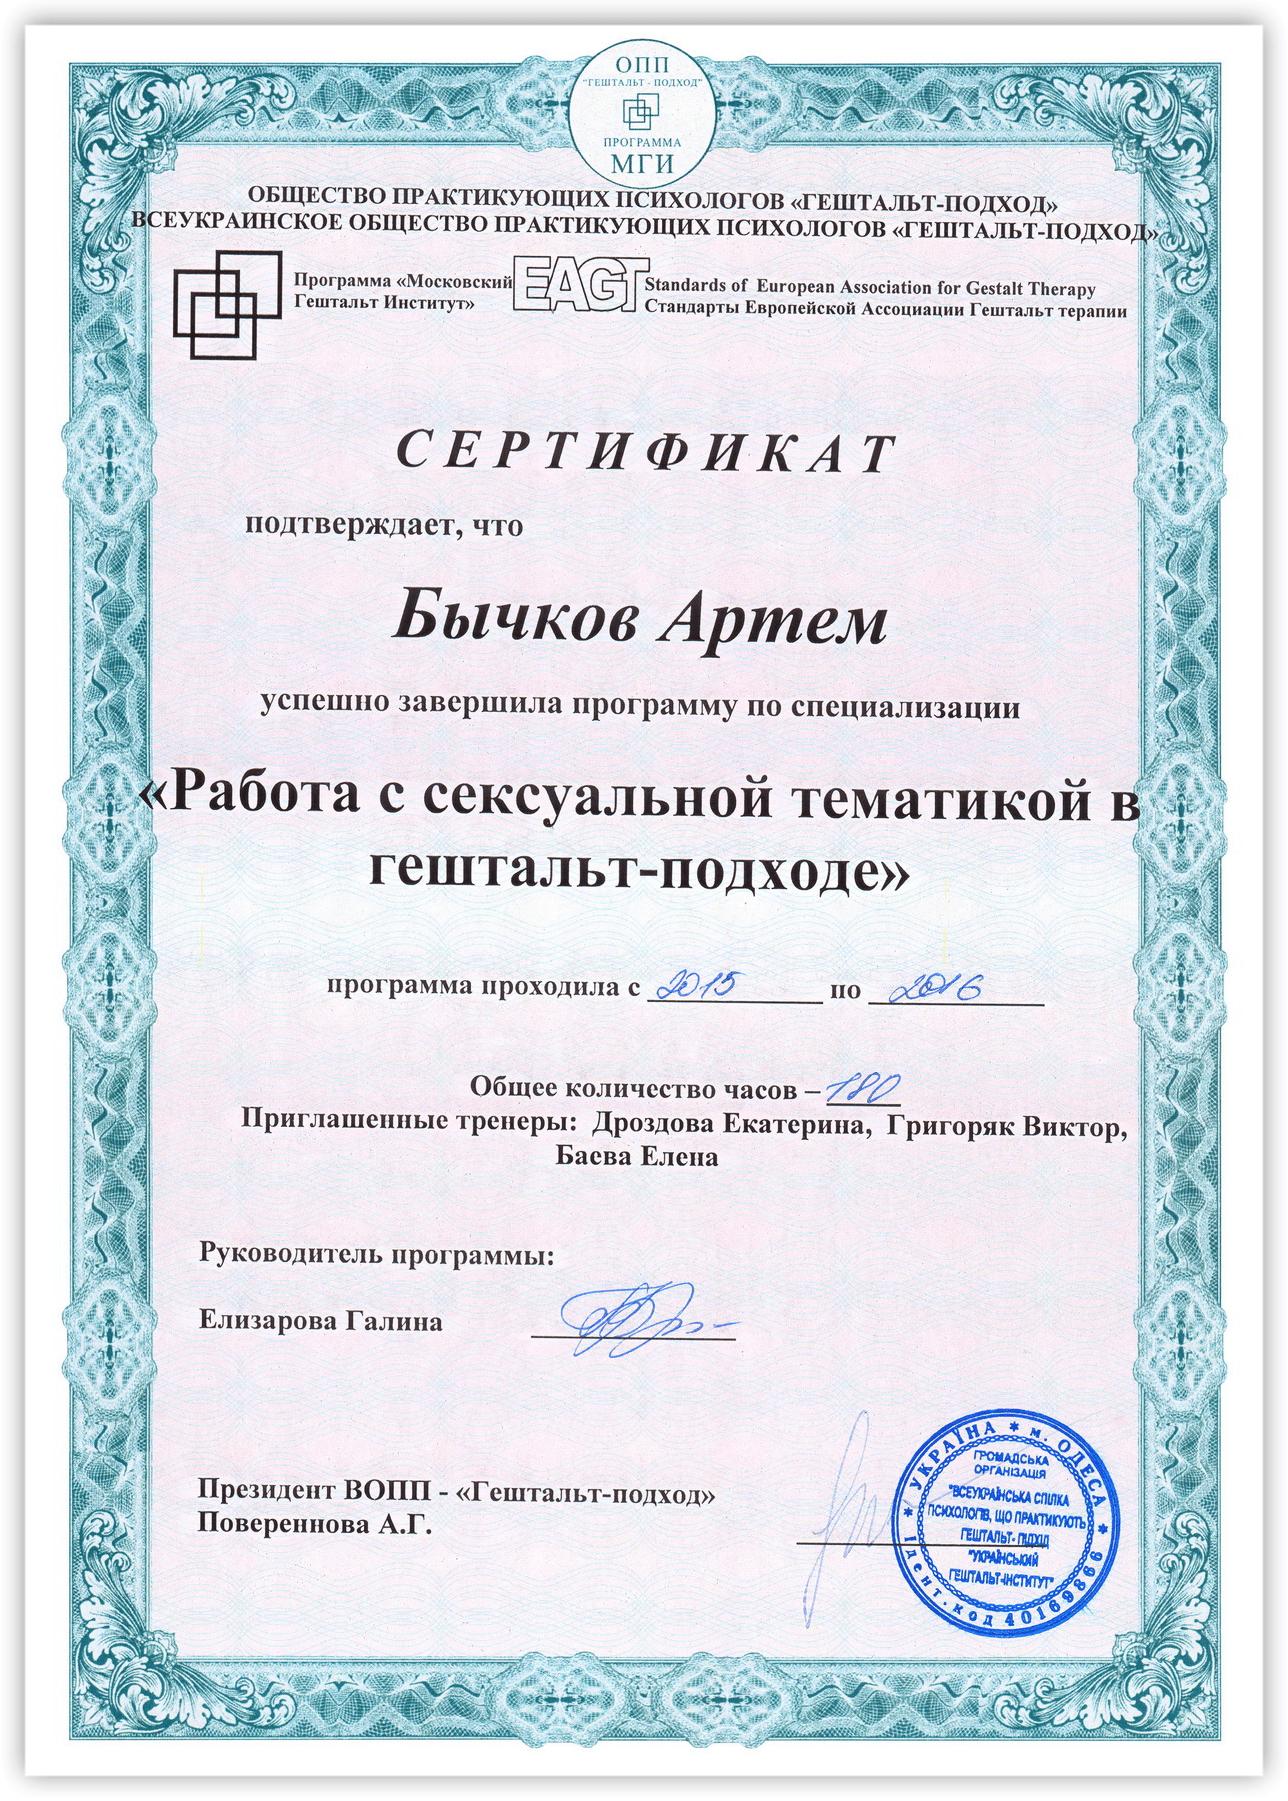 Сертификат Работа с сексуальной тематикой в гештальт-подходе